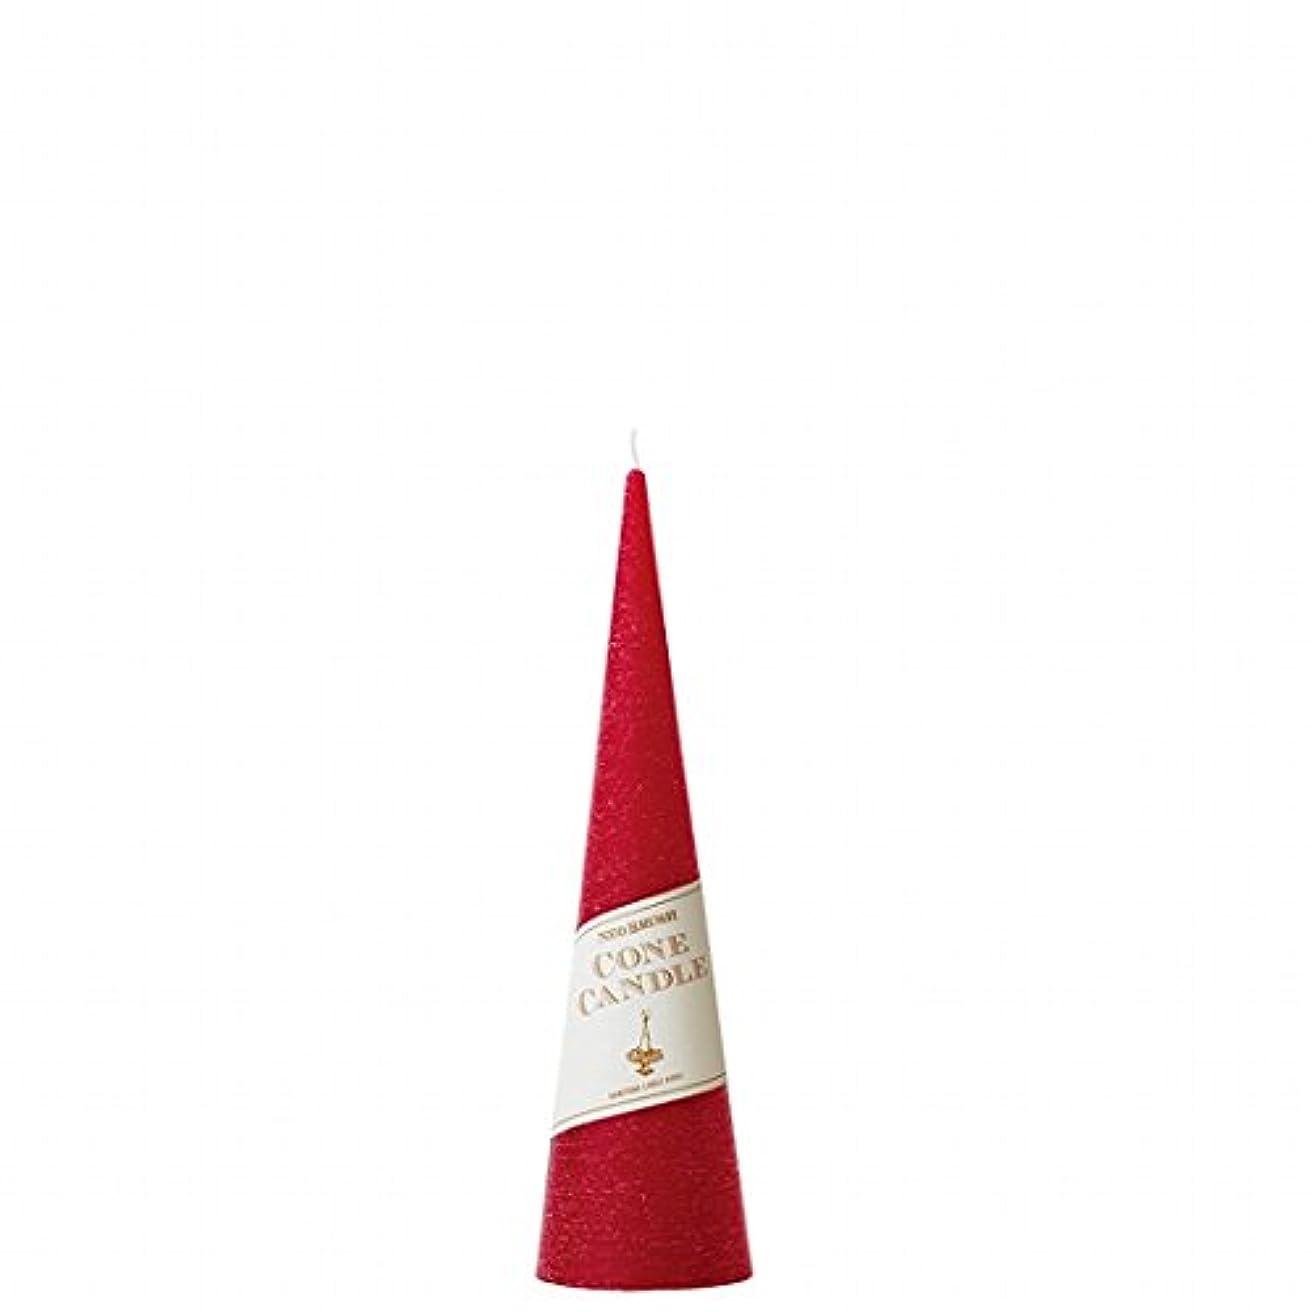 ピストンクリーナー輸血カメヤマキャンドル(kameyama candle) ネオブラッシュコーン 180 キャンドル 「 レッド 」